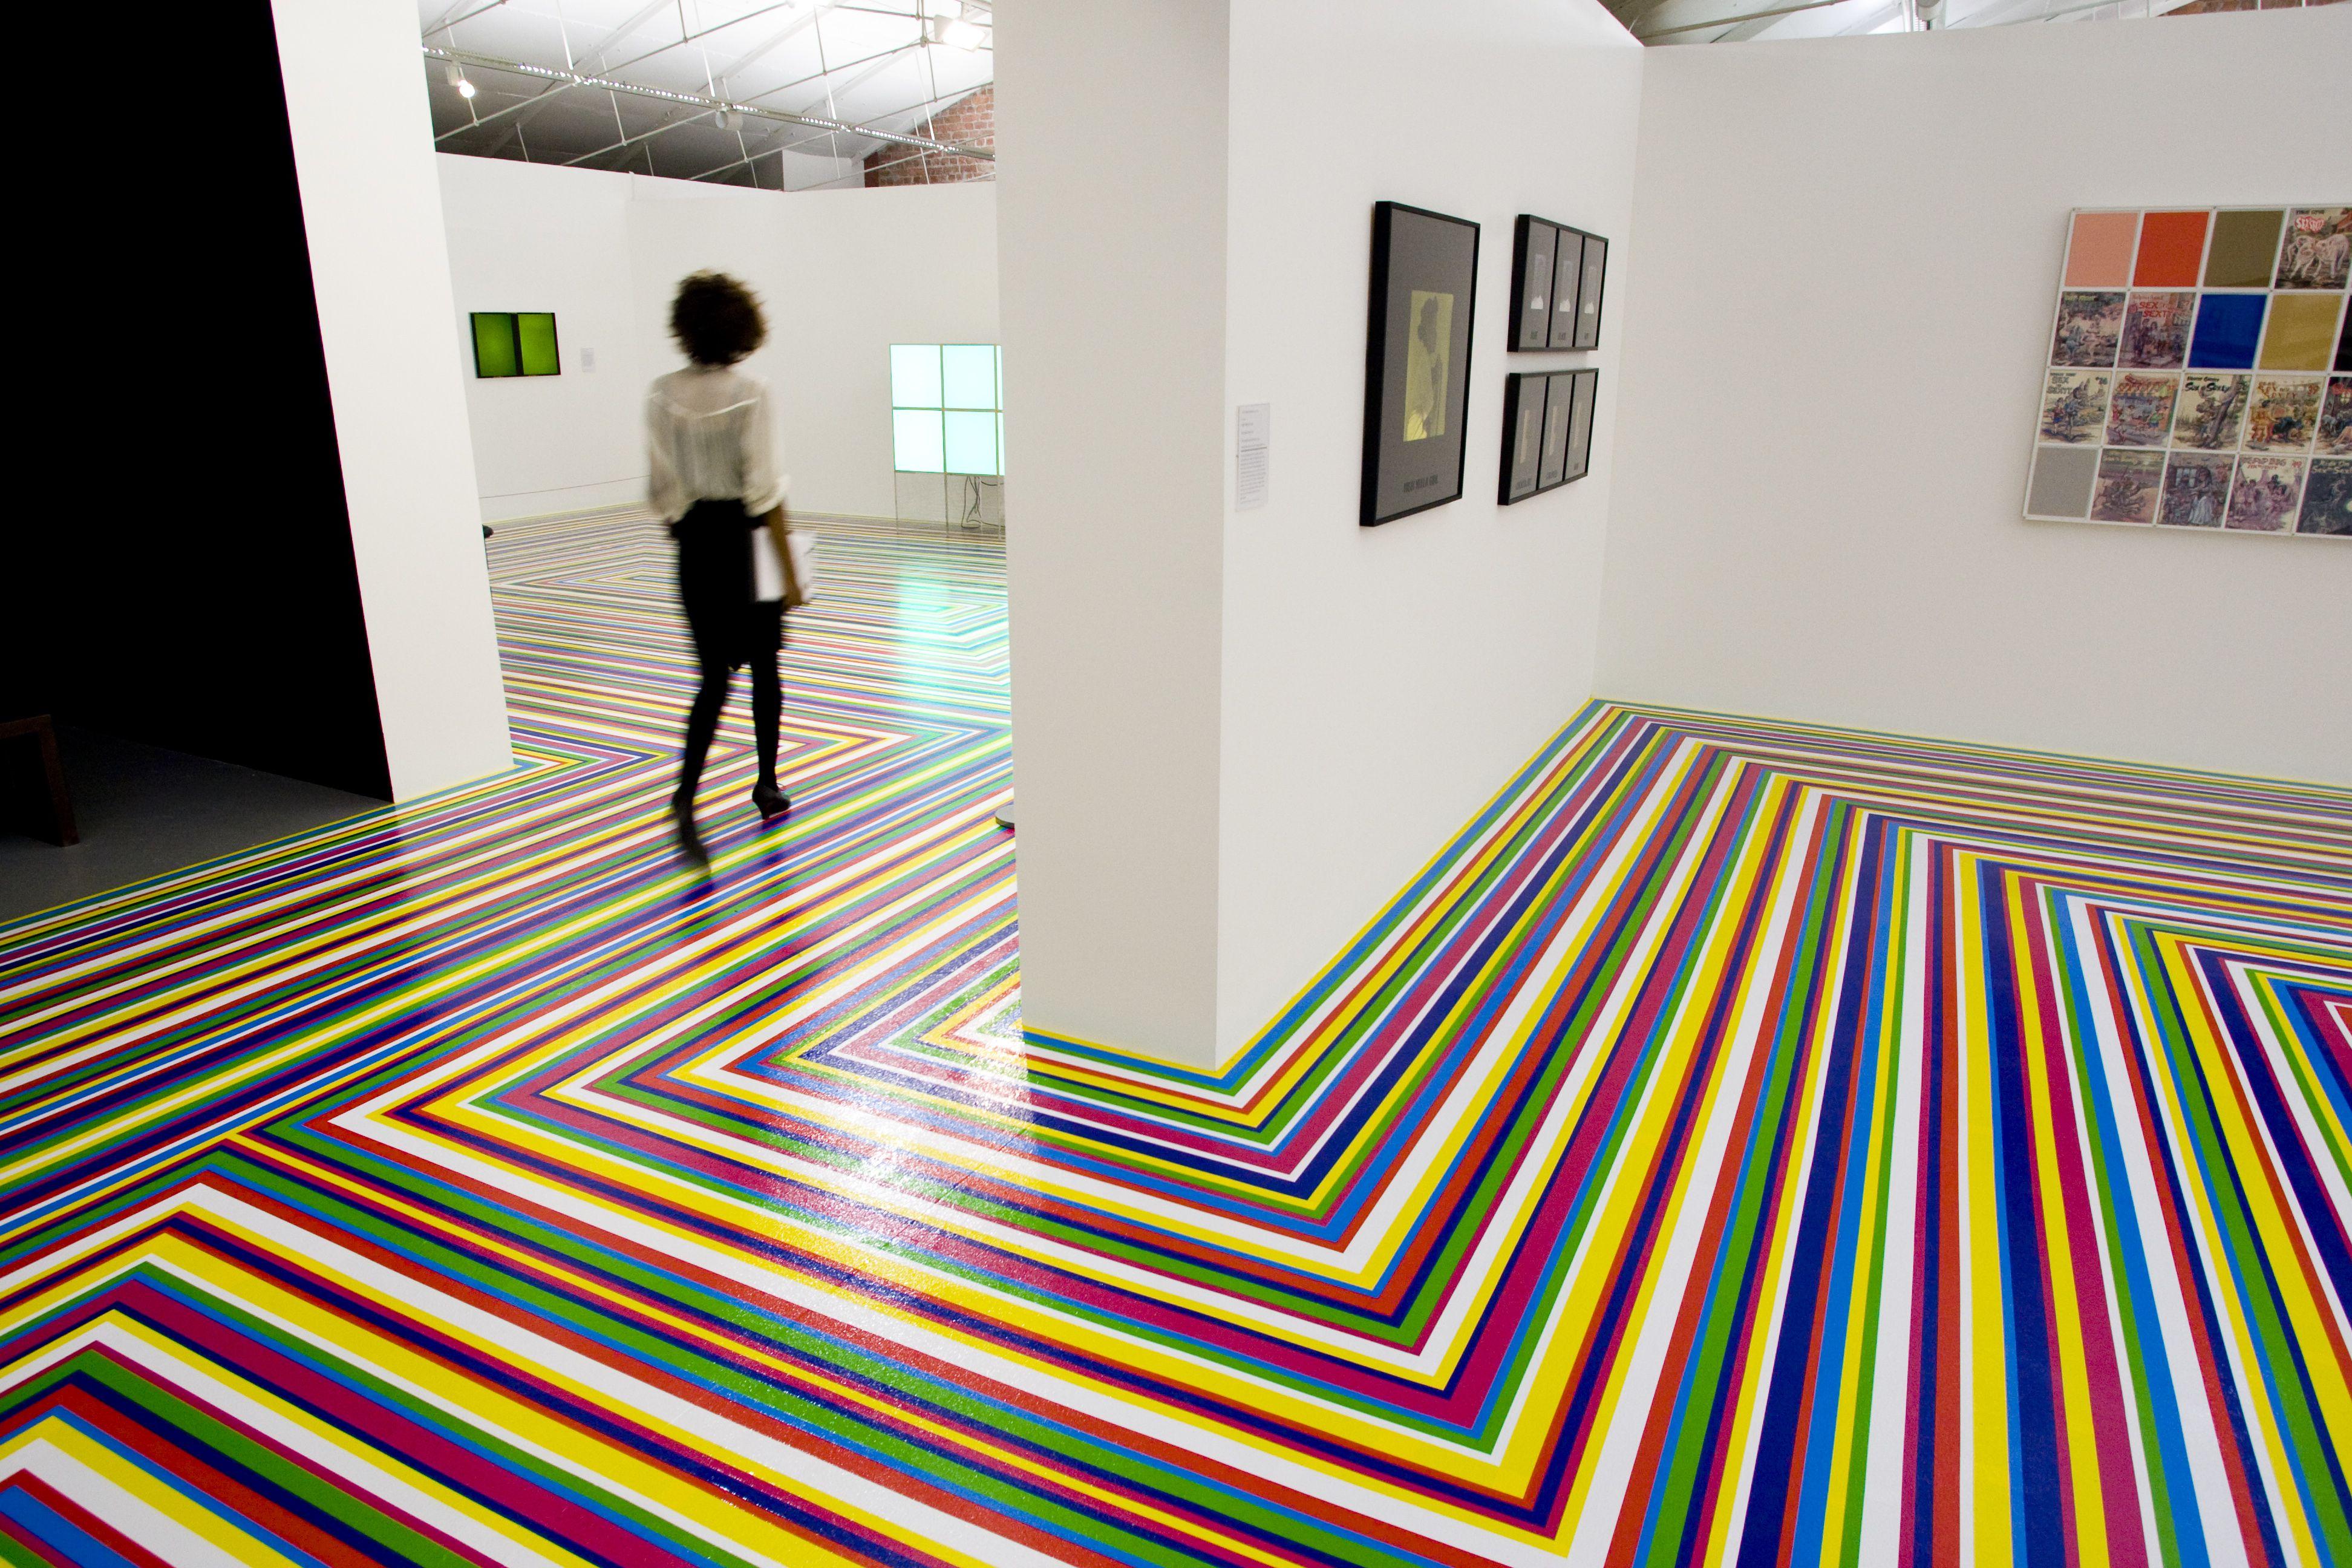 Zobop!  (2006) von Jim Lambie, einer in der Tate Liverpool ausgestellten Bodeninstallation, ist Teil von Color Chart: Reinventing Color, 1950 bis heute